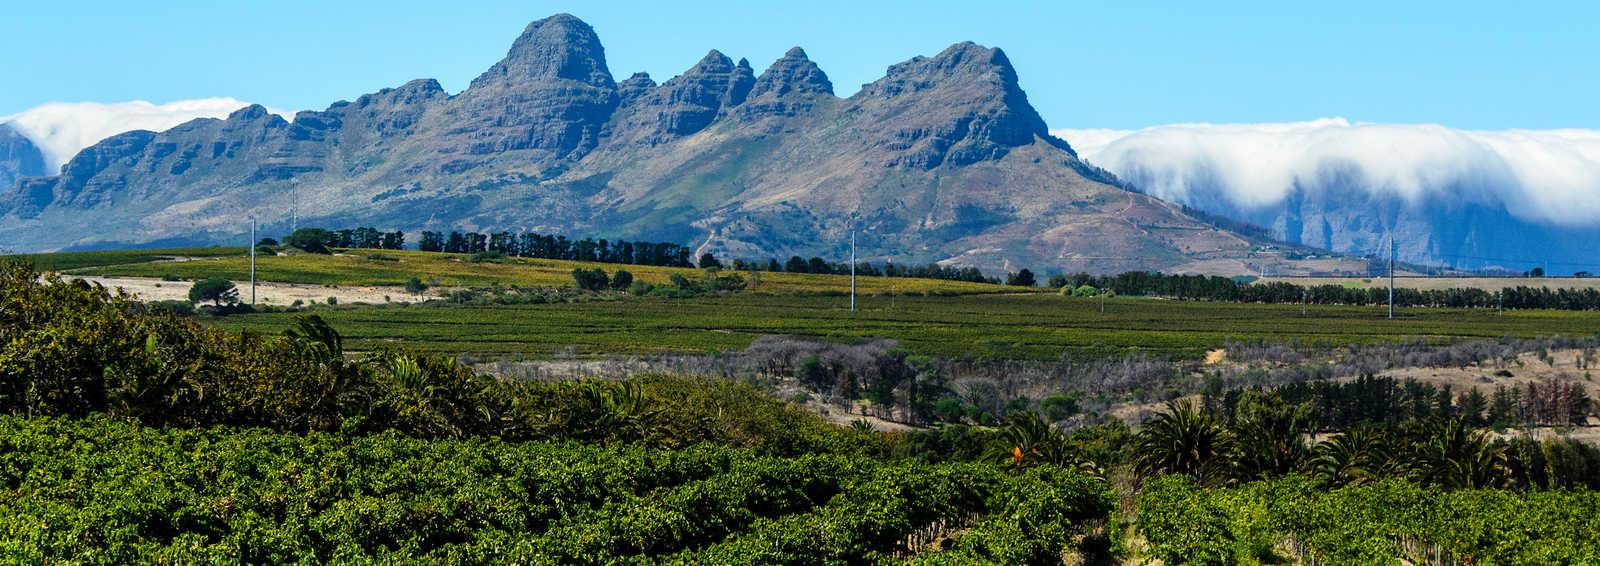 Clouds over Stellenbosch Mountains